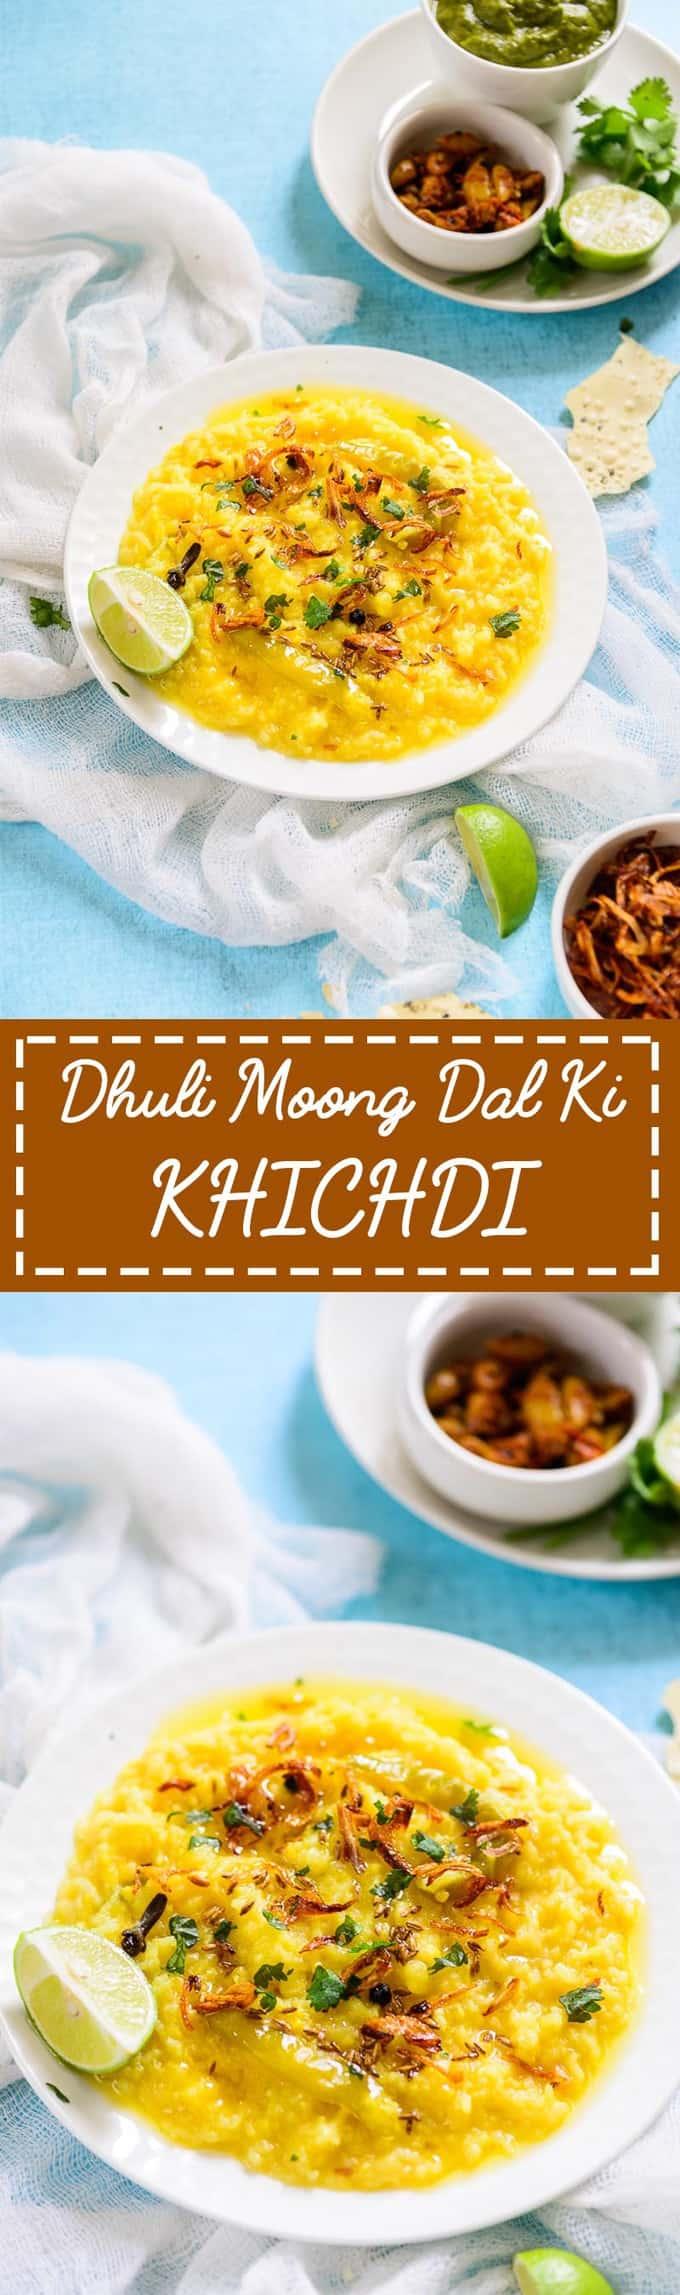 Dhuli Moong Dal Ki Khichdi